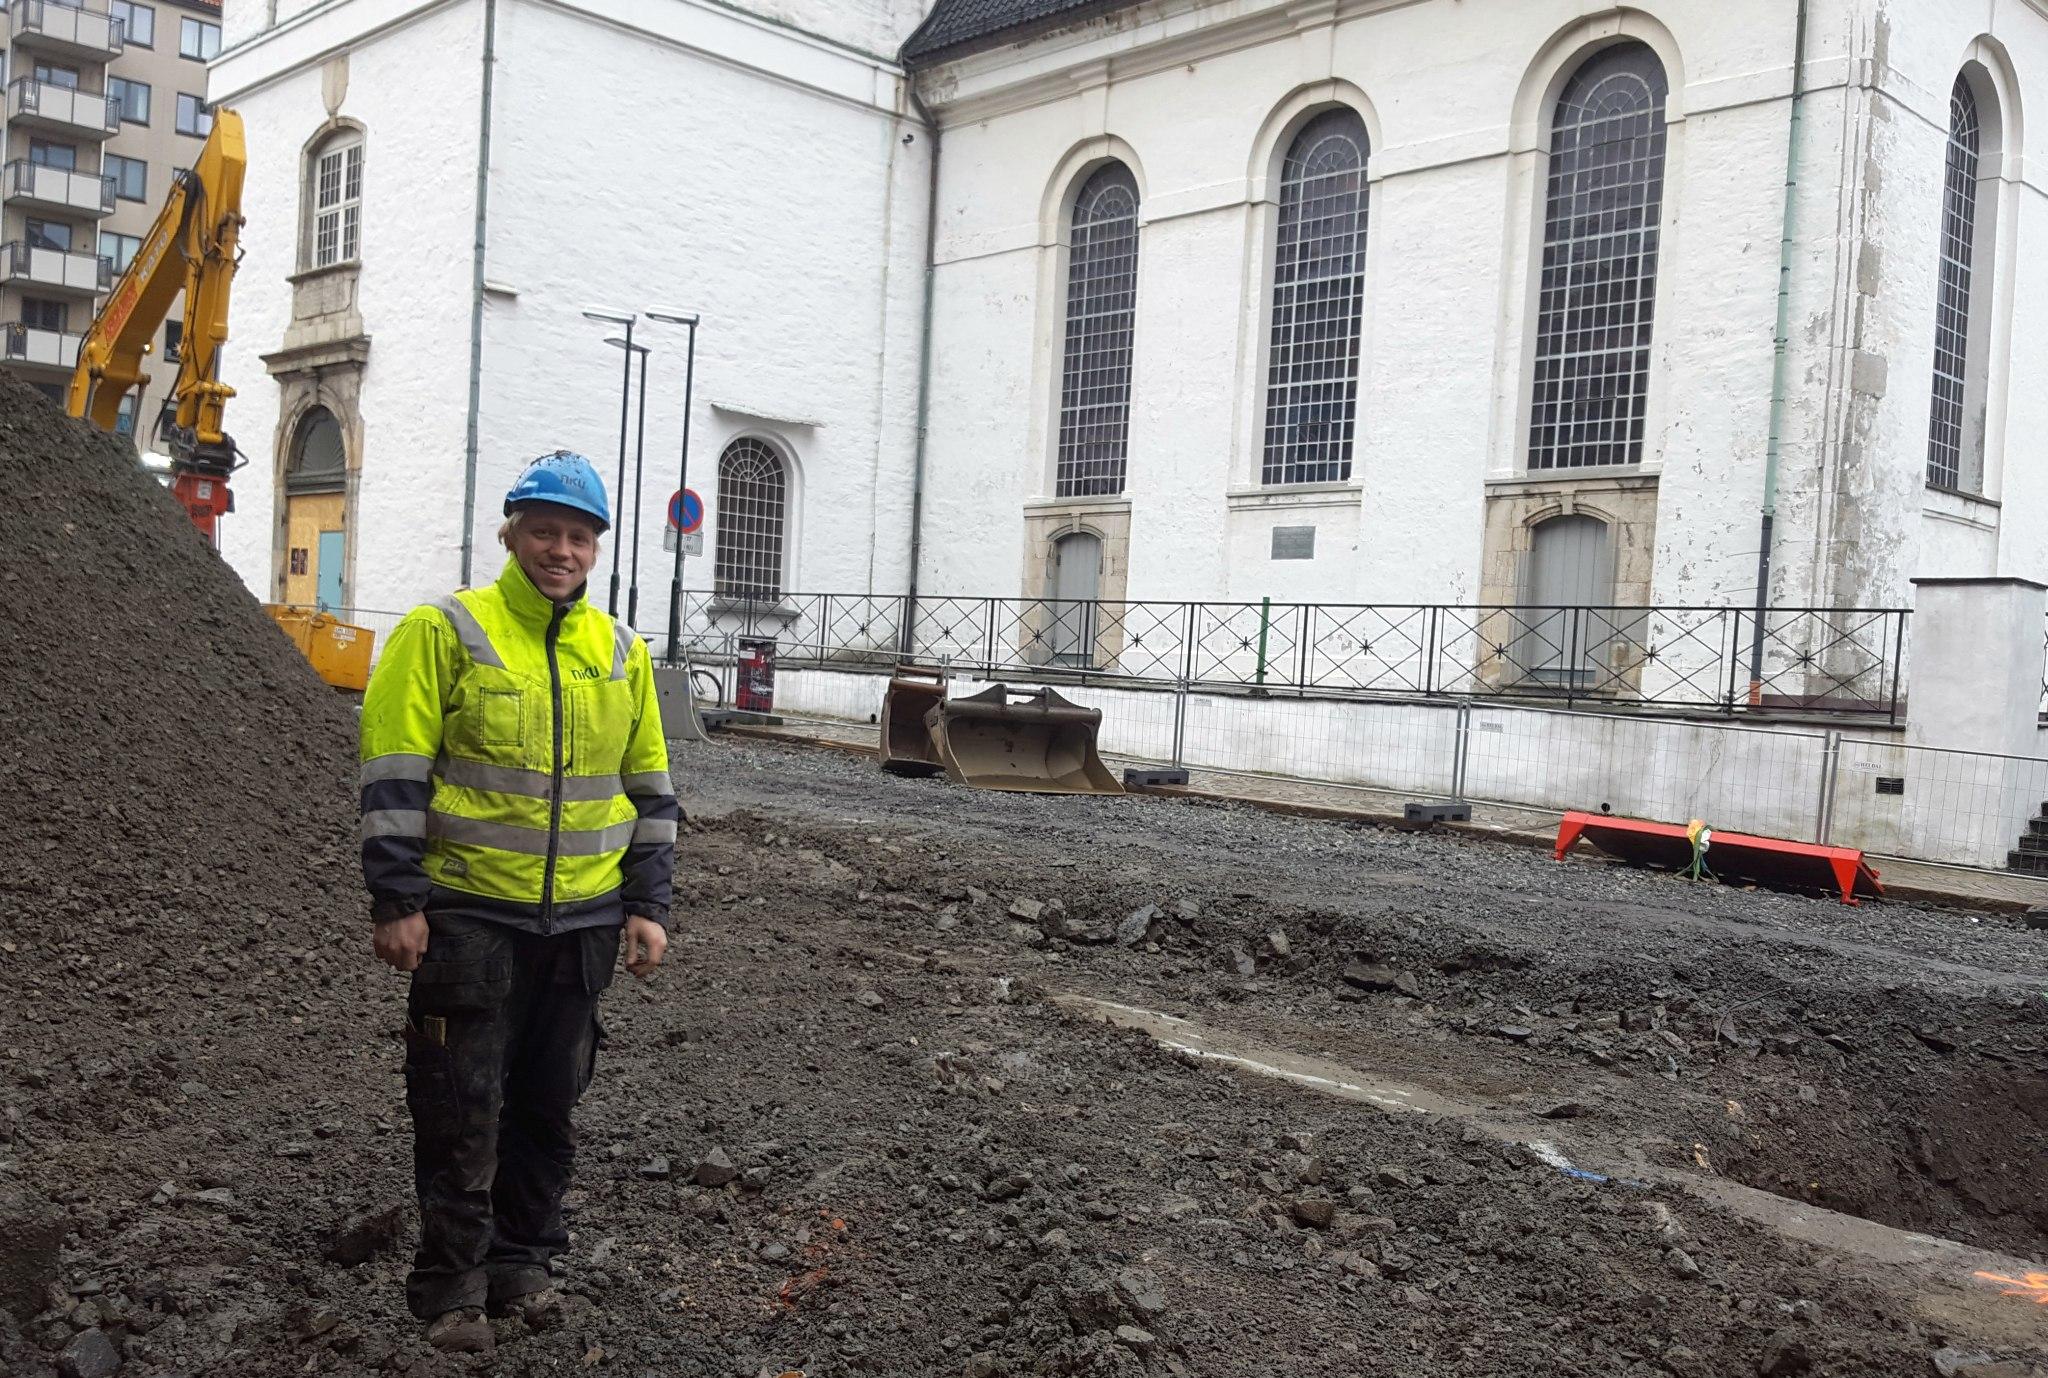 Arkeolog Per Christian Underhaug følger nøye med under gravingen i Strandgaten. Foto: Eva Johansen